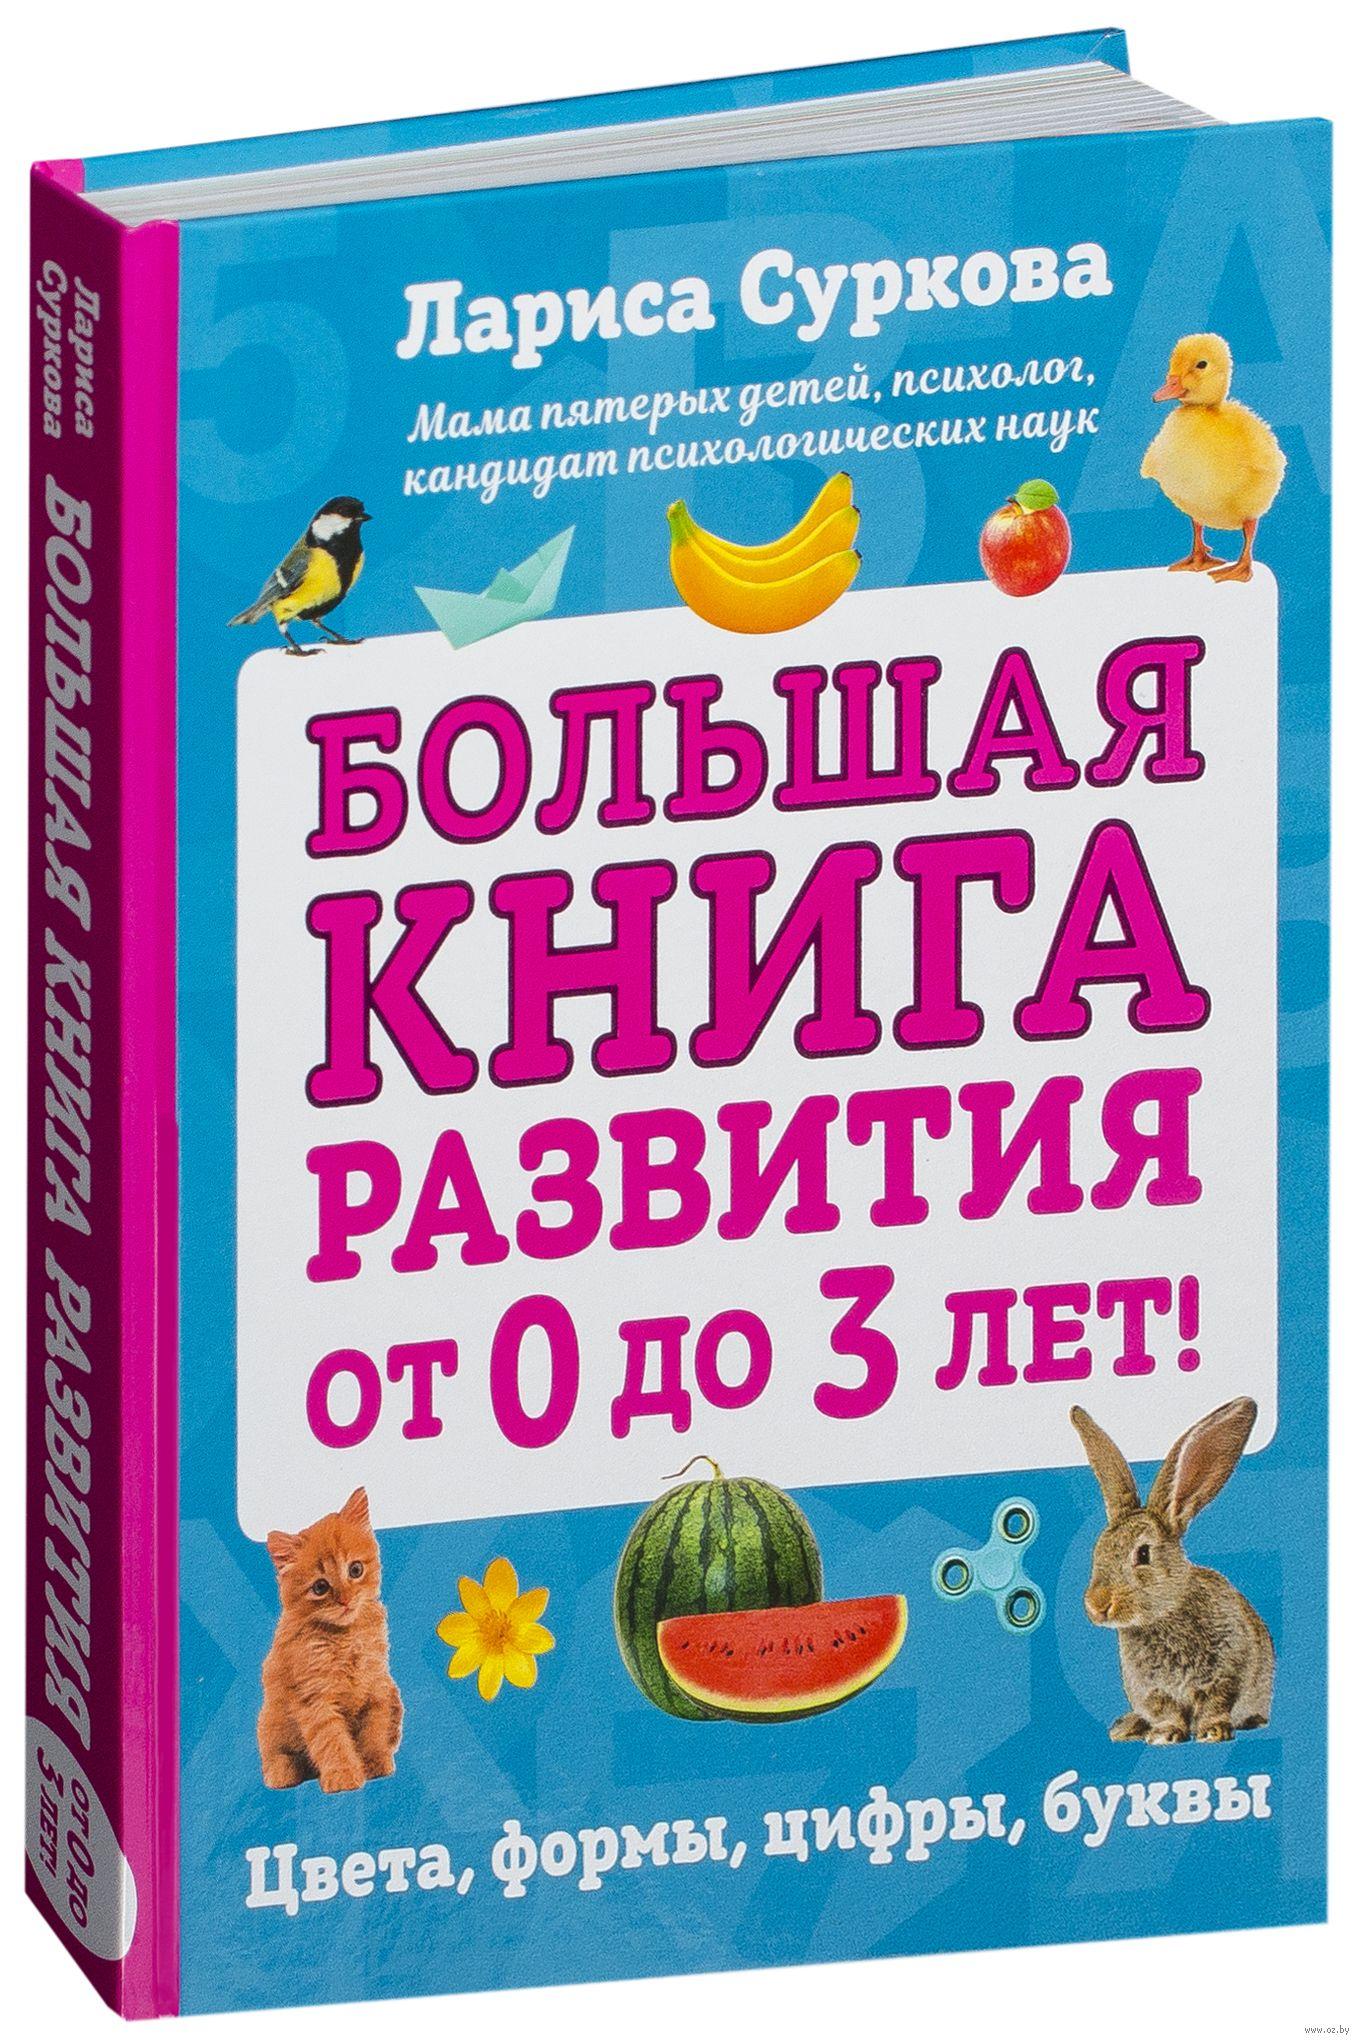 Готовимся к школе: обзор лучших развивающих книг для детей 4-5 лет